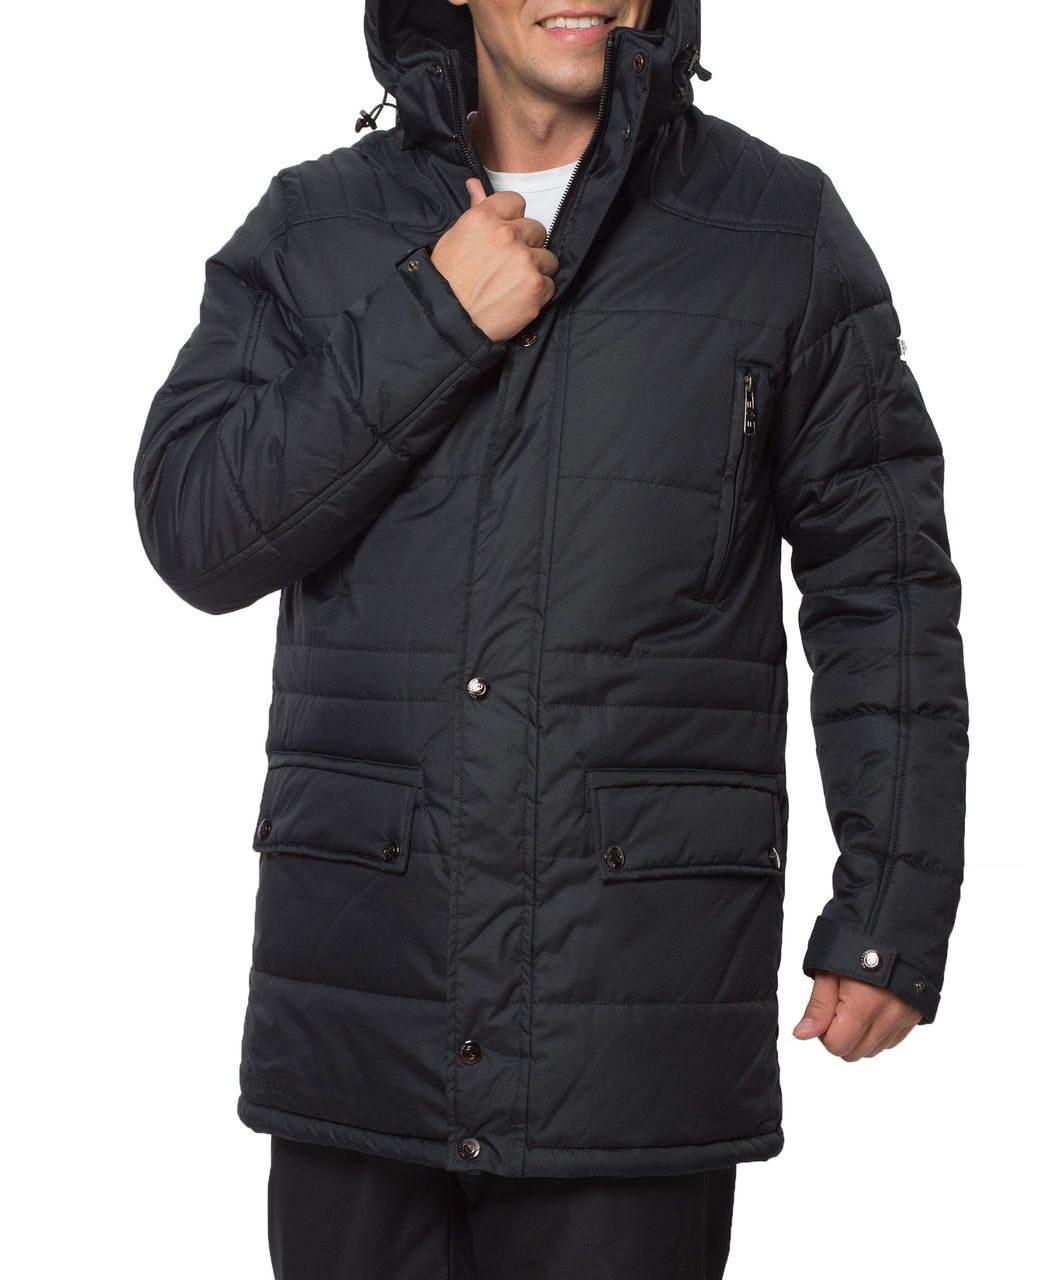 5024ef49e7a Черная мужская зимняя куртка арт. 466. Есть большие размеры